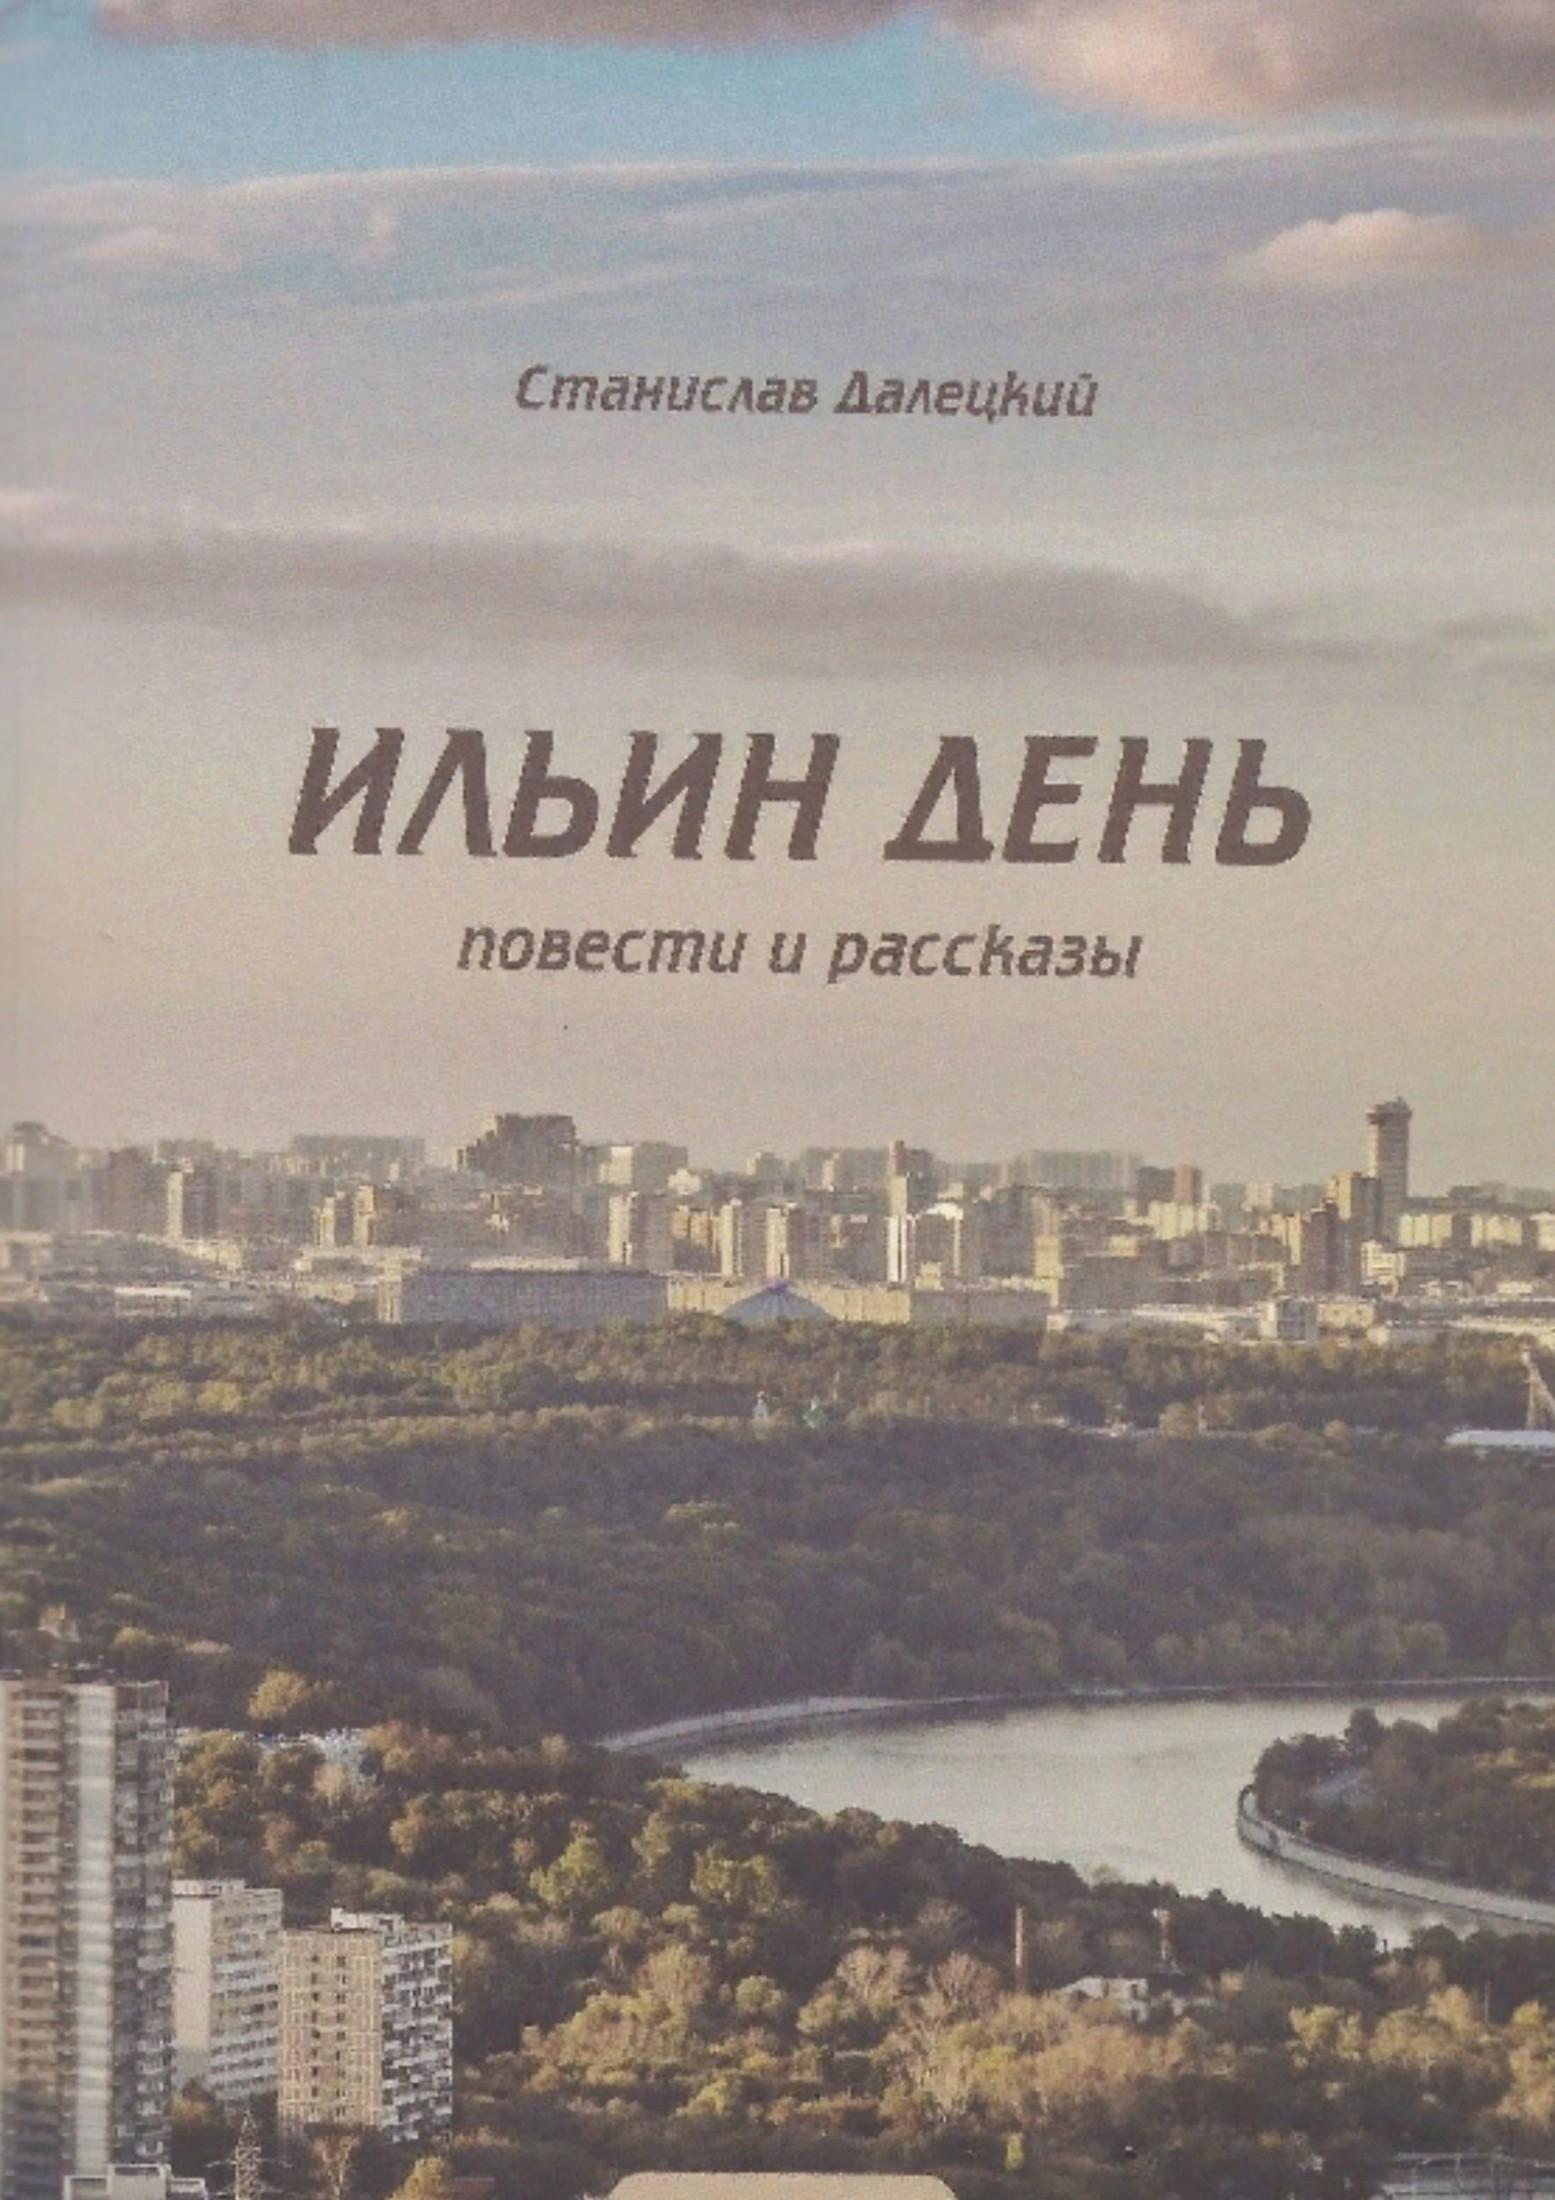 Станислав Владимирович Далецкий. Ильин день. Сборник